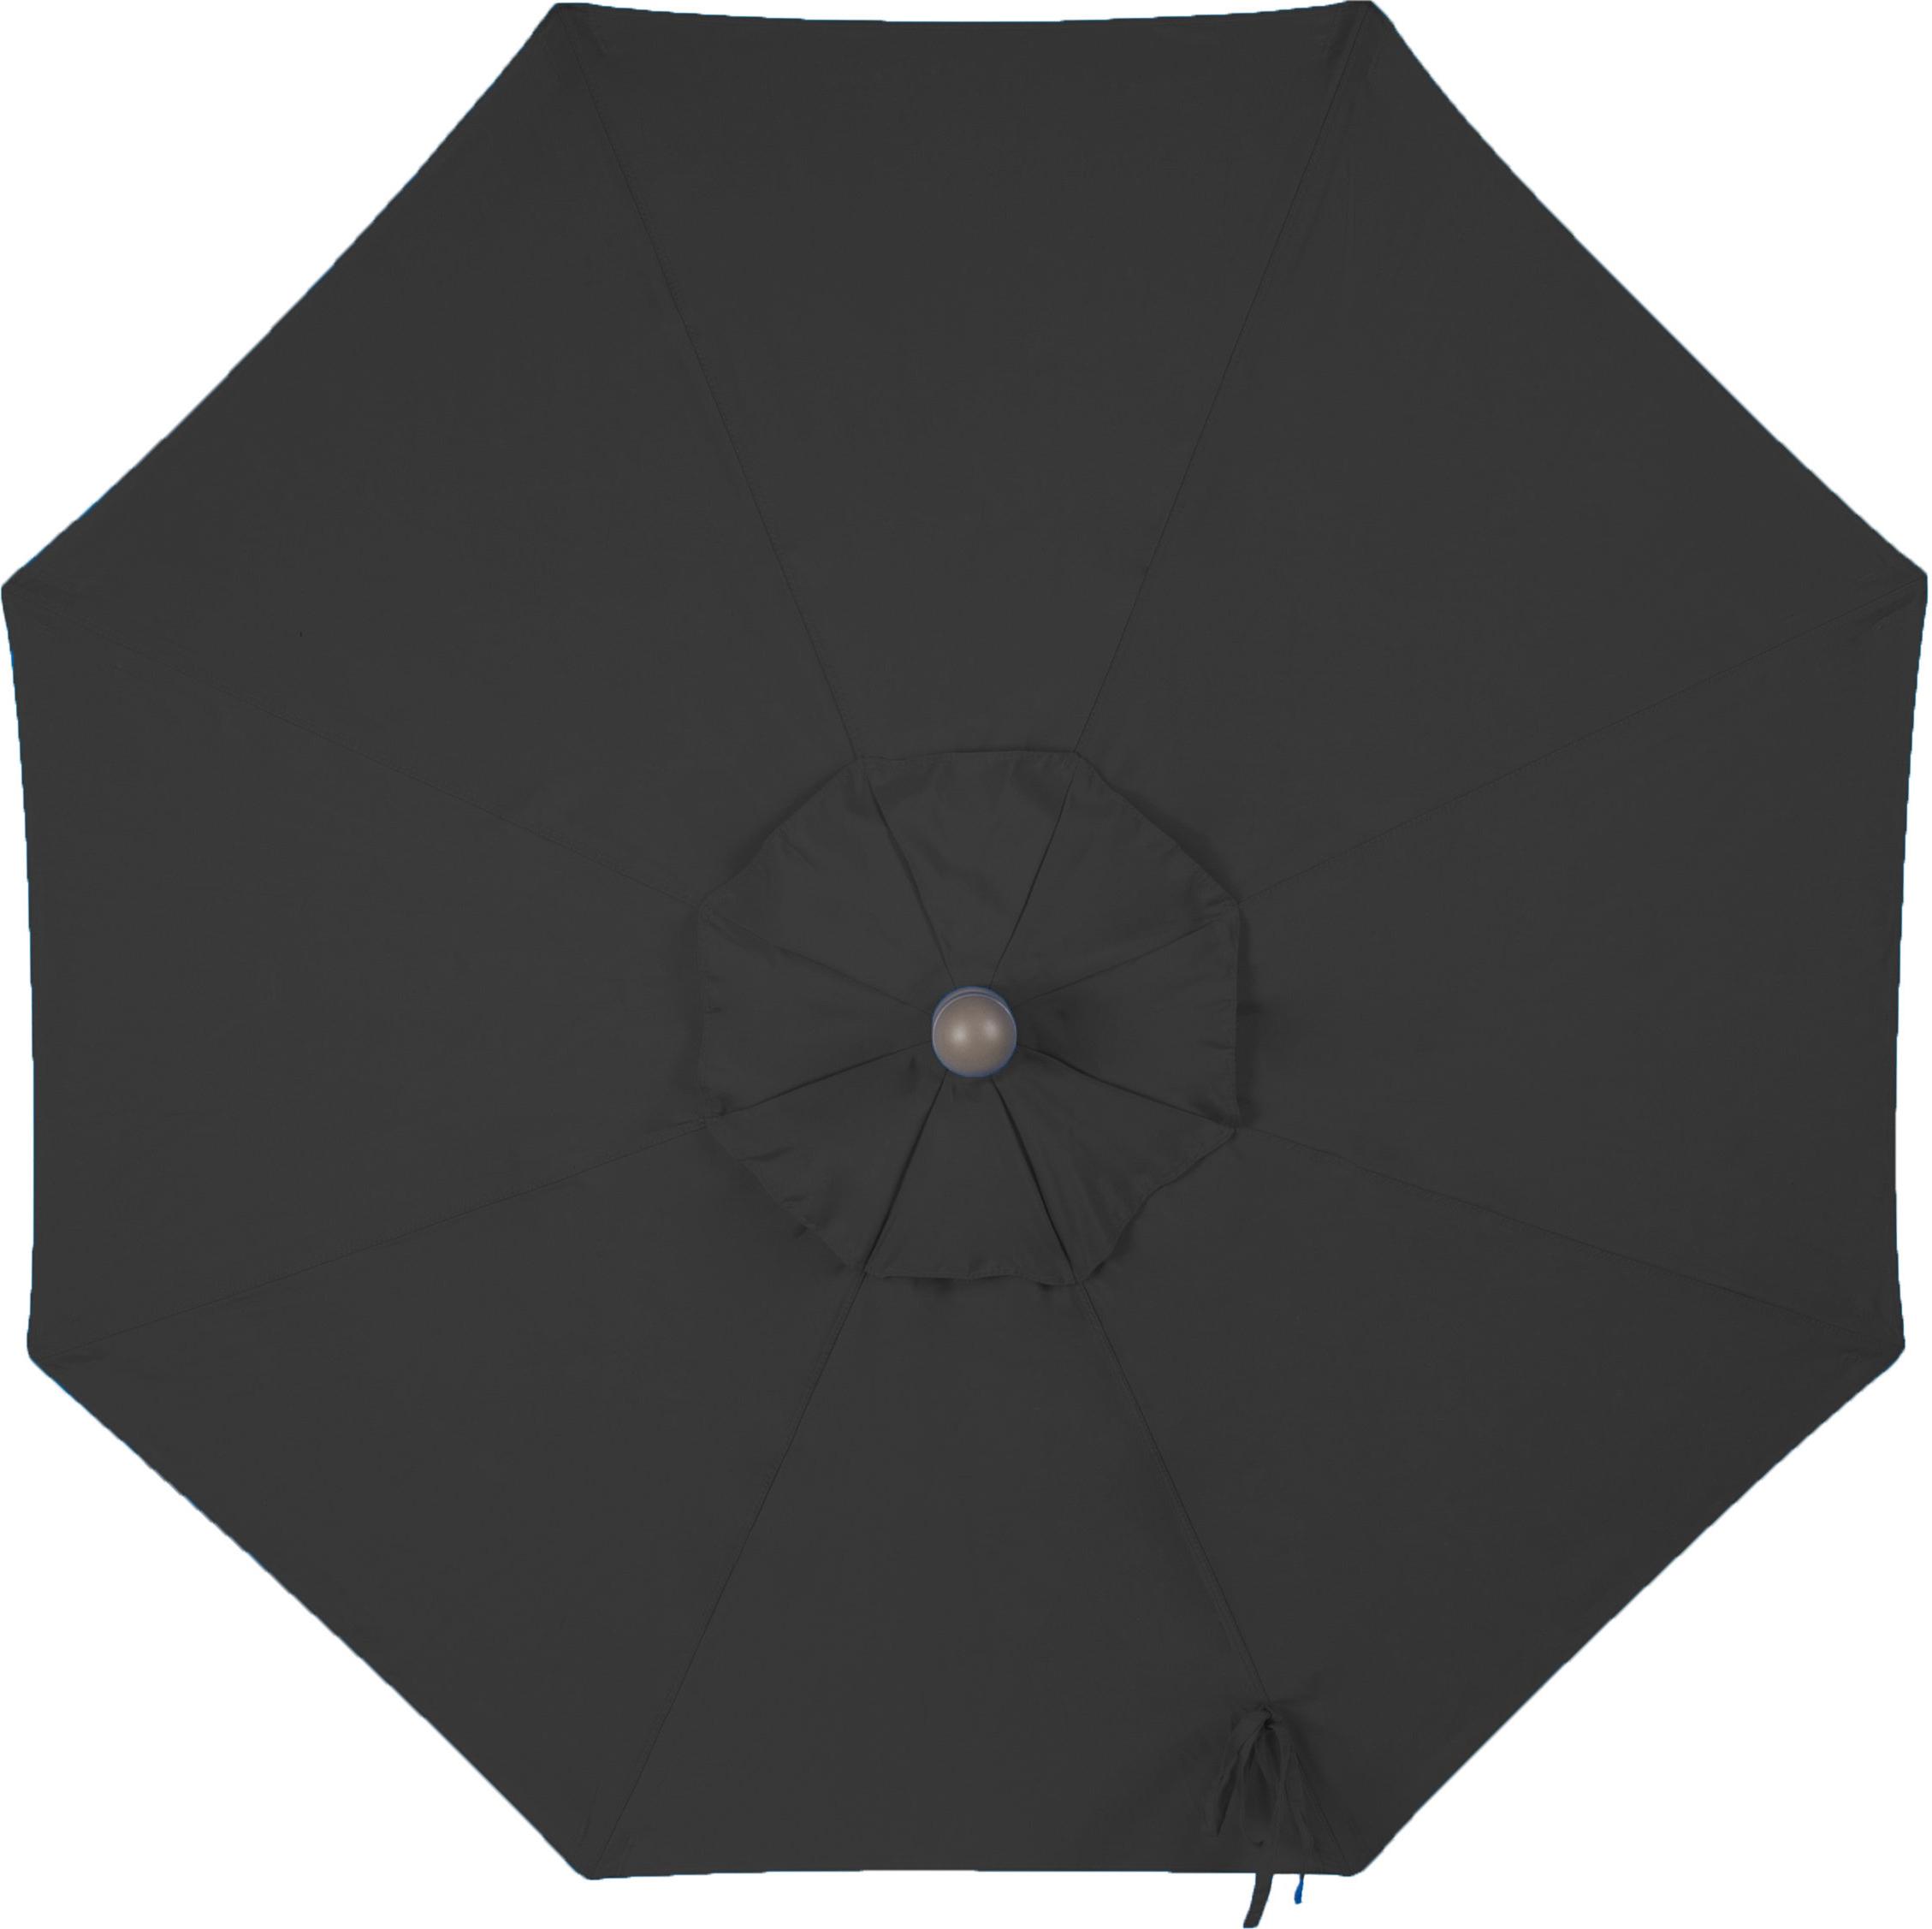 Newest Wiechmann Push Tilt Market Sunbrella Umbrellas With Wiechmann 9' Market Sunbrella Umbrella (Gallery 8 of 20)